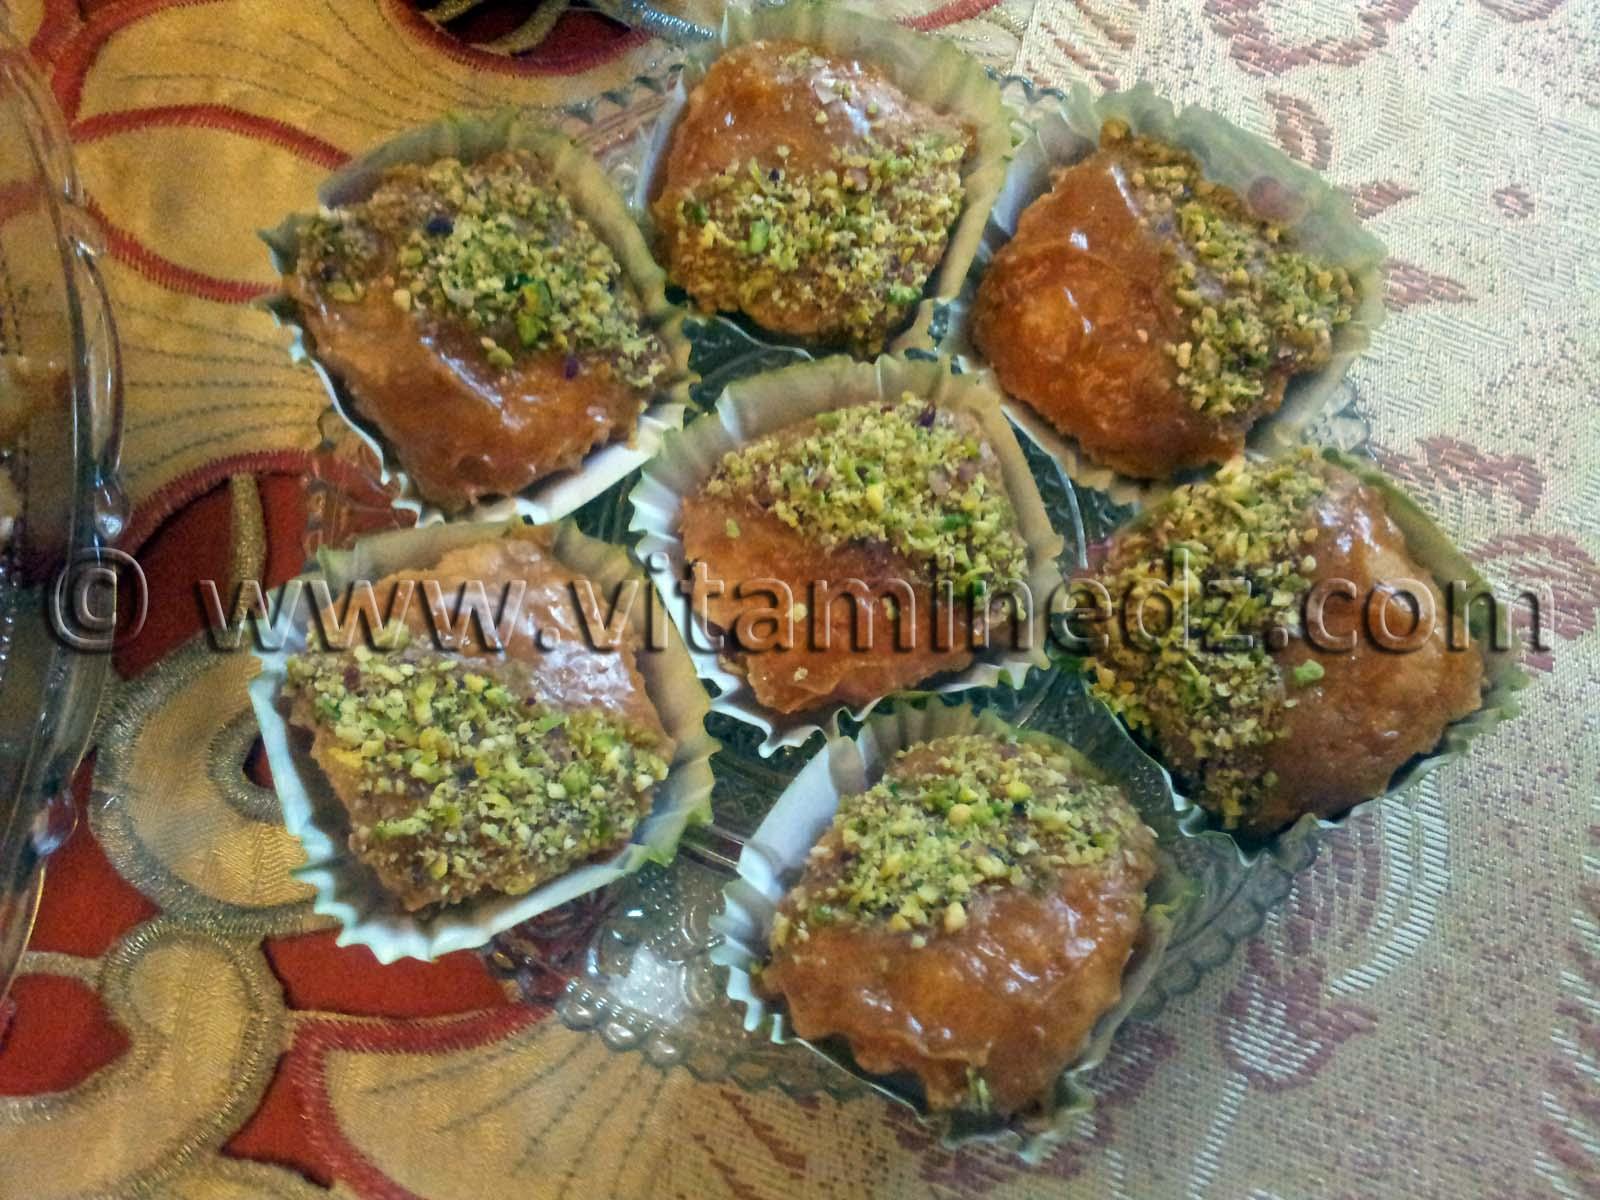 Image gallery les gateaux de samira for Samira t v cuisine